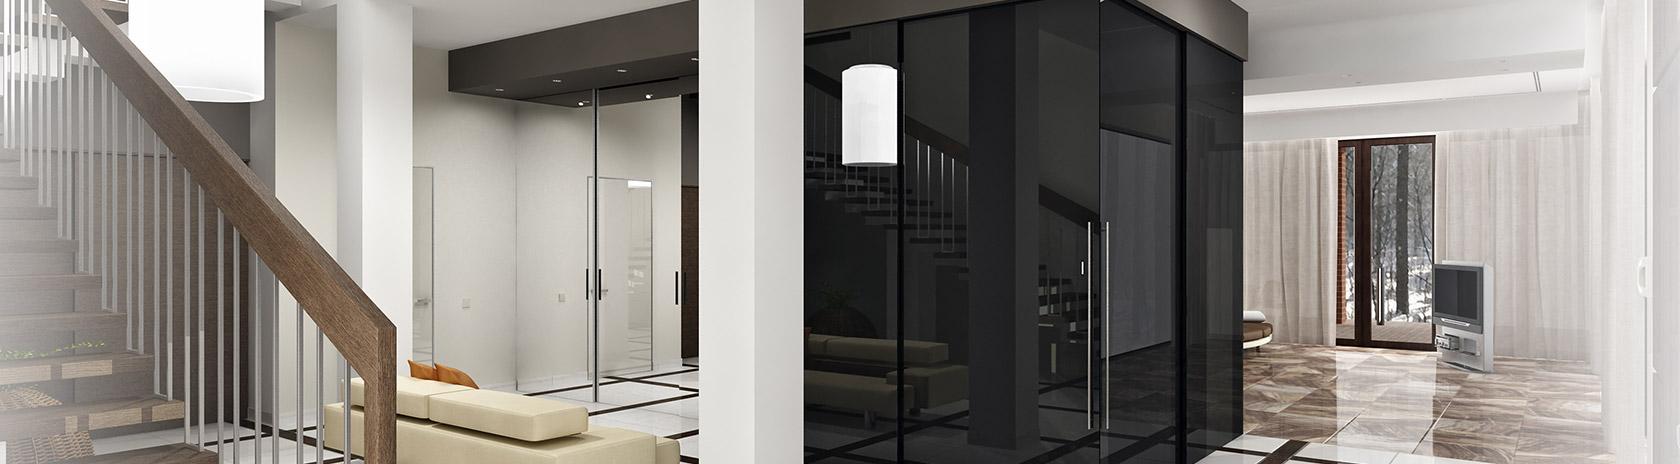 Dekoracja » Szklane Drzwi Do łazienki - Pomysły dekorowania wnętrza domu